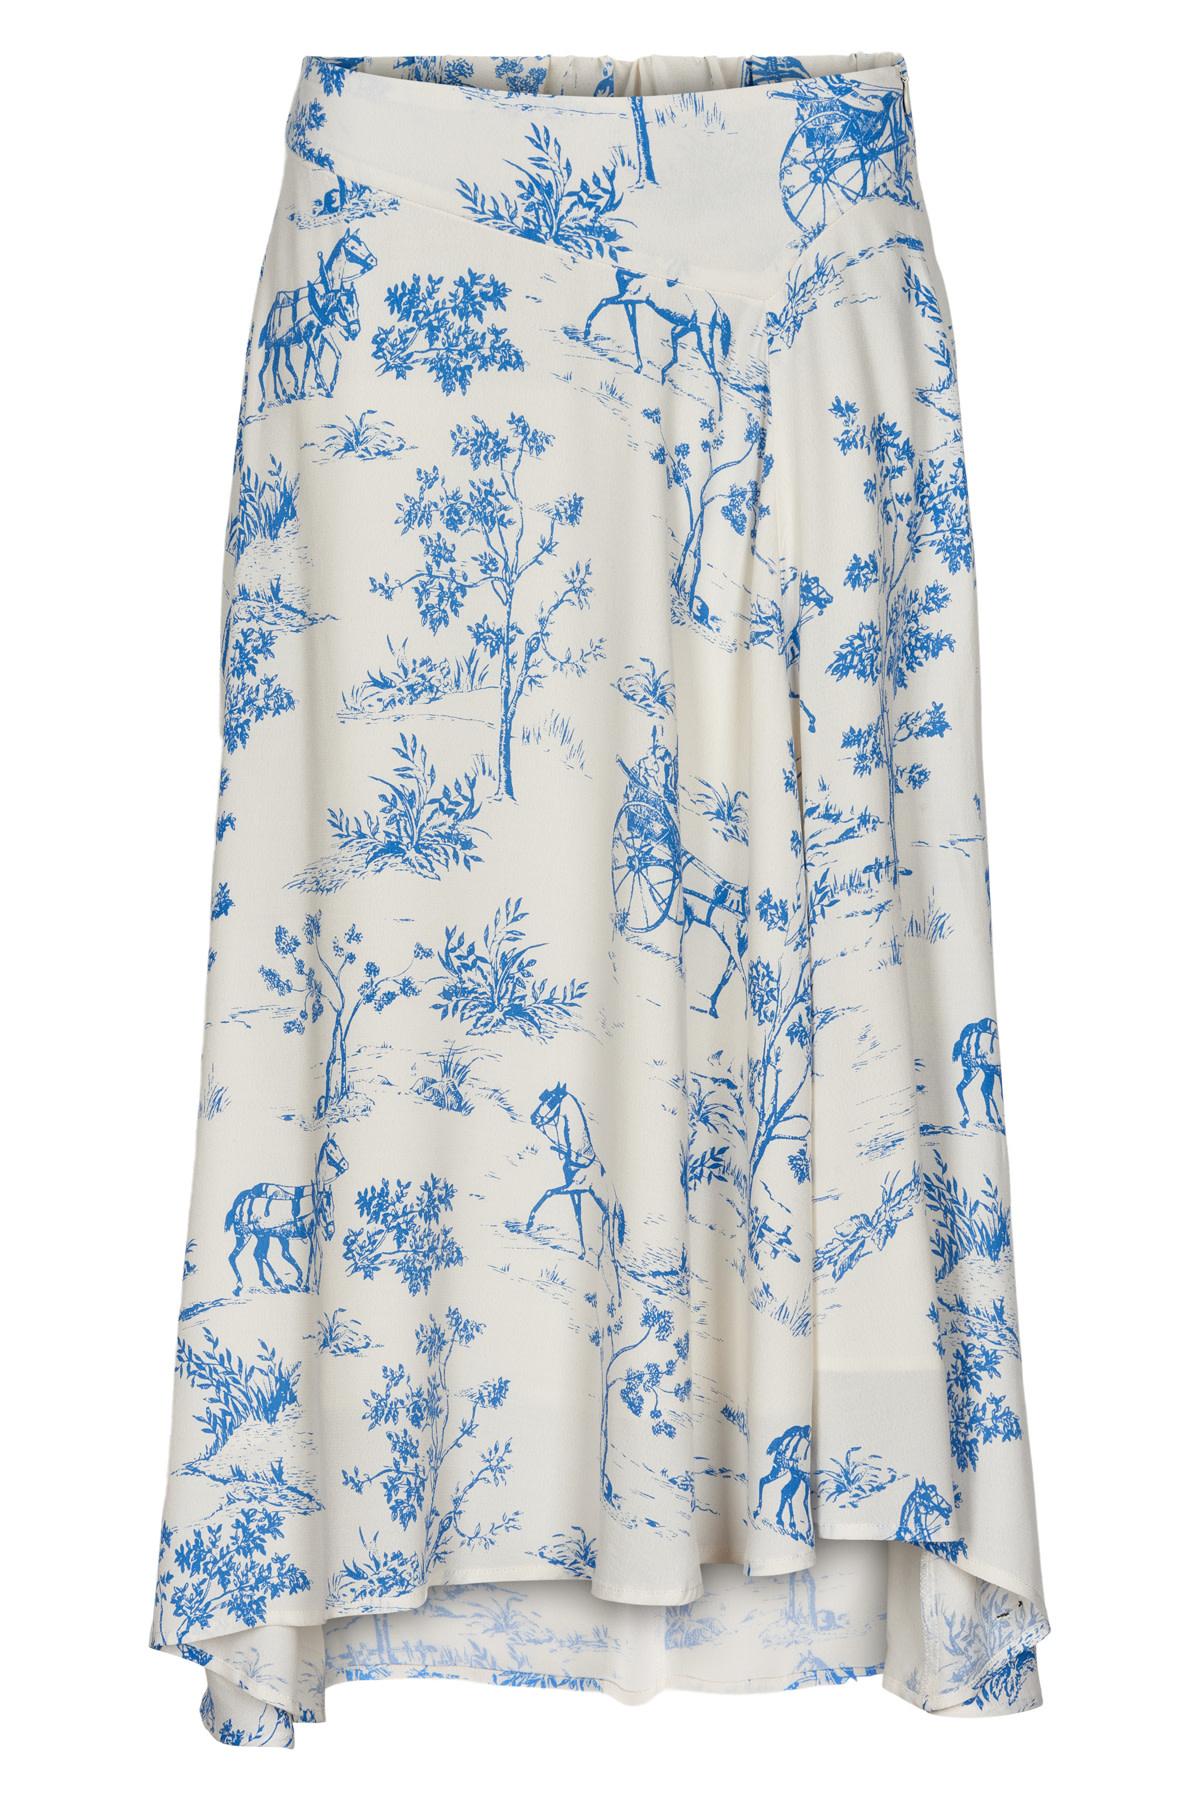 Nümph Arizilla Skirt